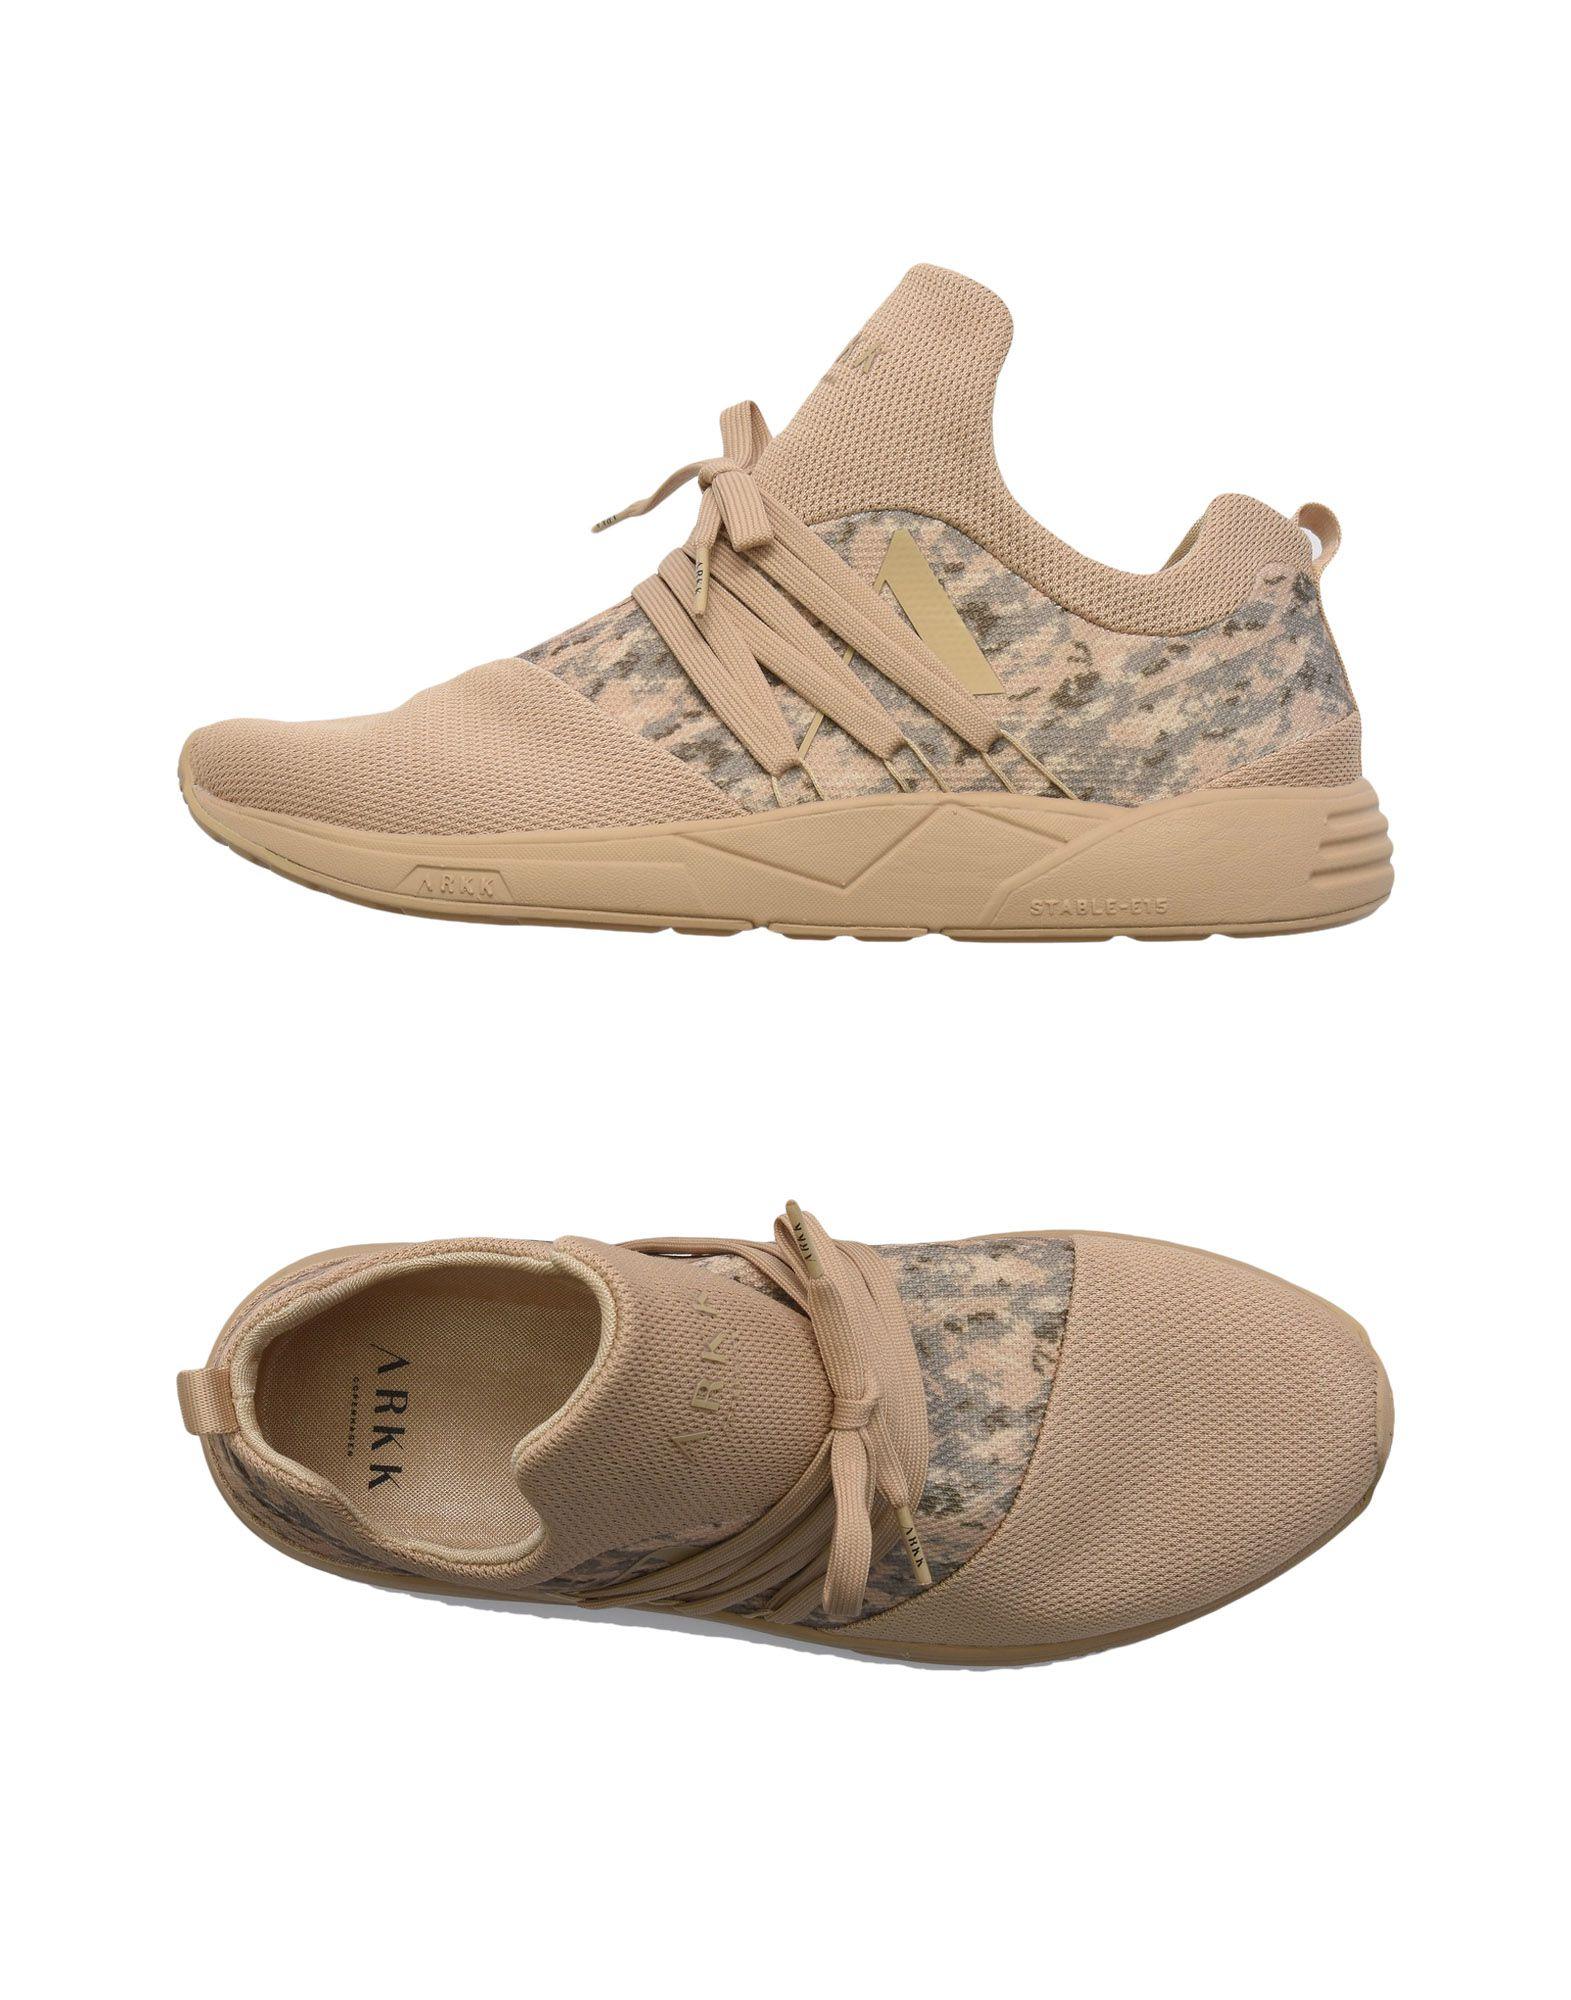 Camo Sneakers E15 Uomo Acquista S Raven Copenhagen su Mesh online Arkk rxYnw1YBqF